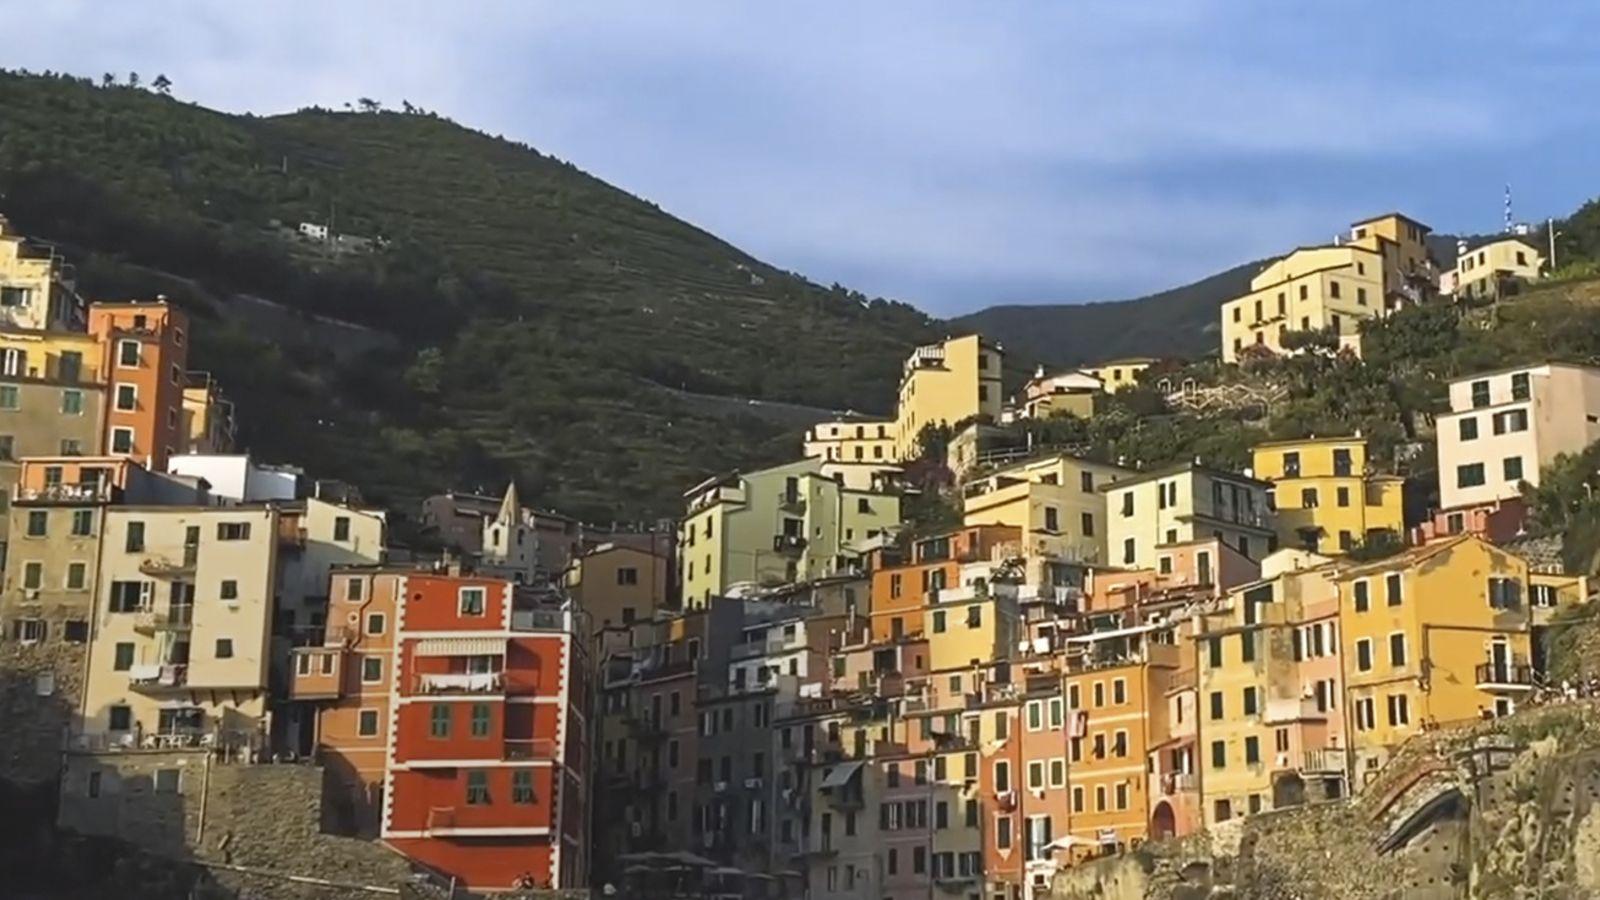 Una postal desde Cinque Terre